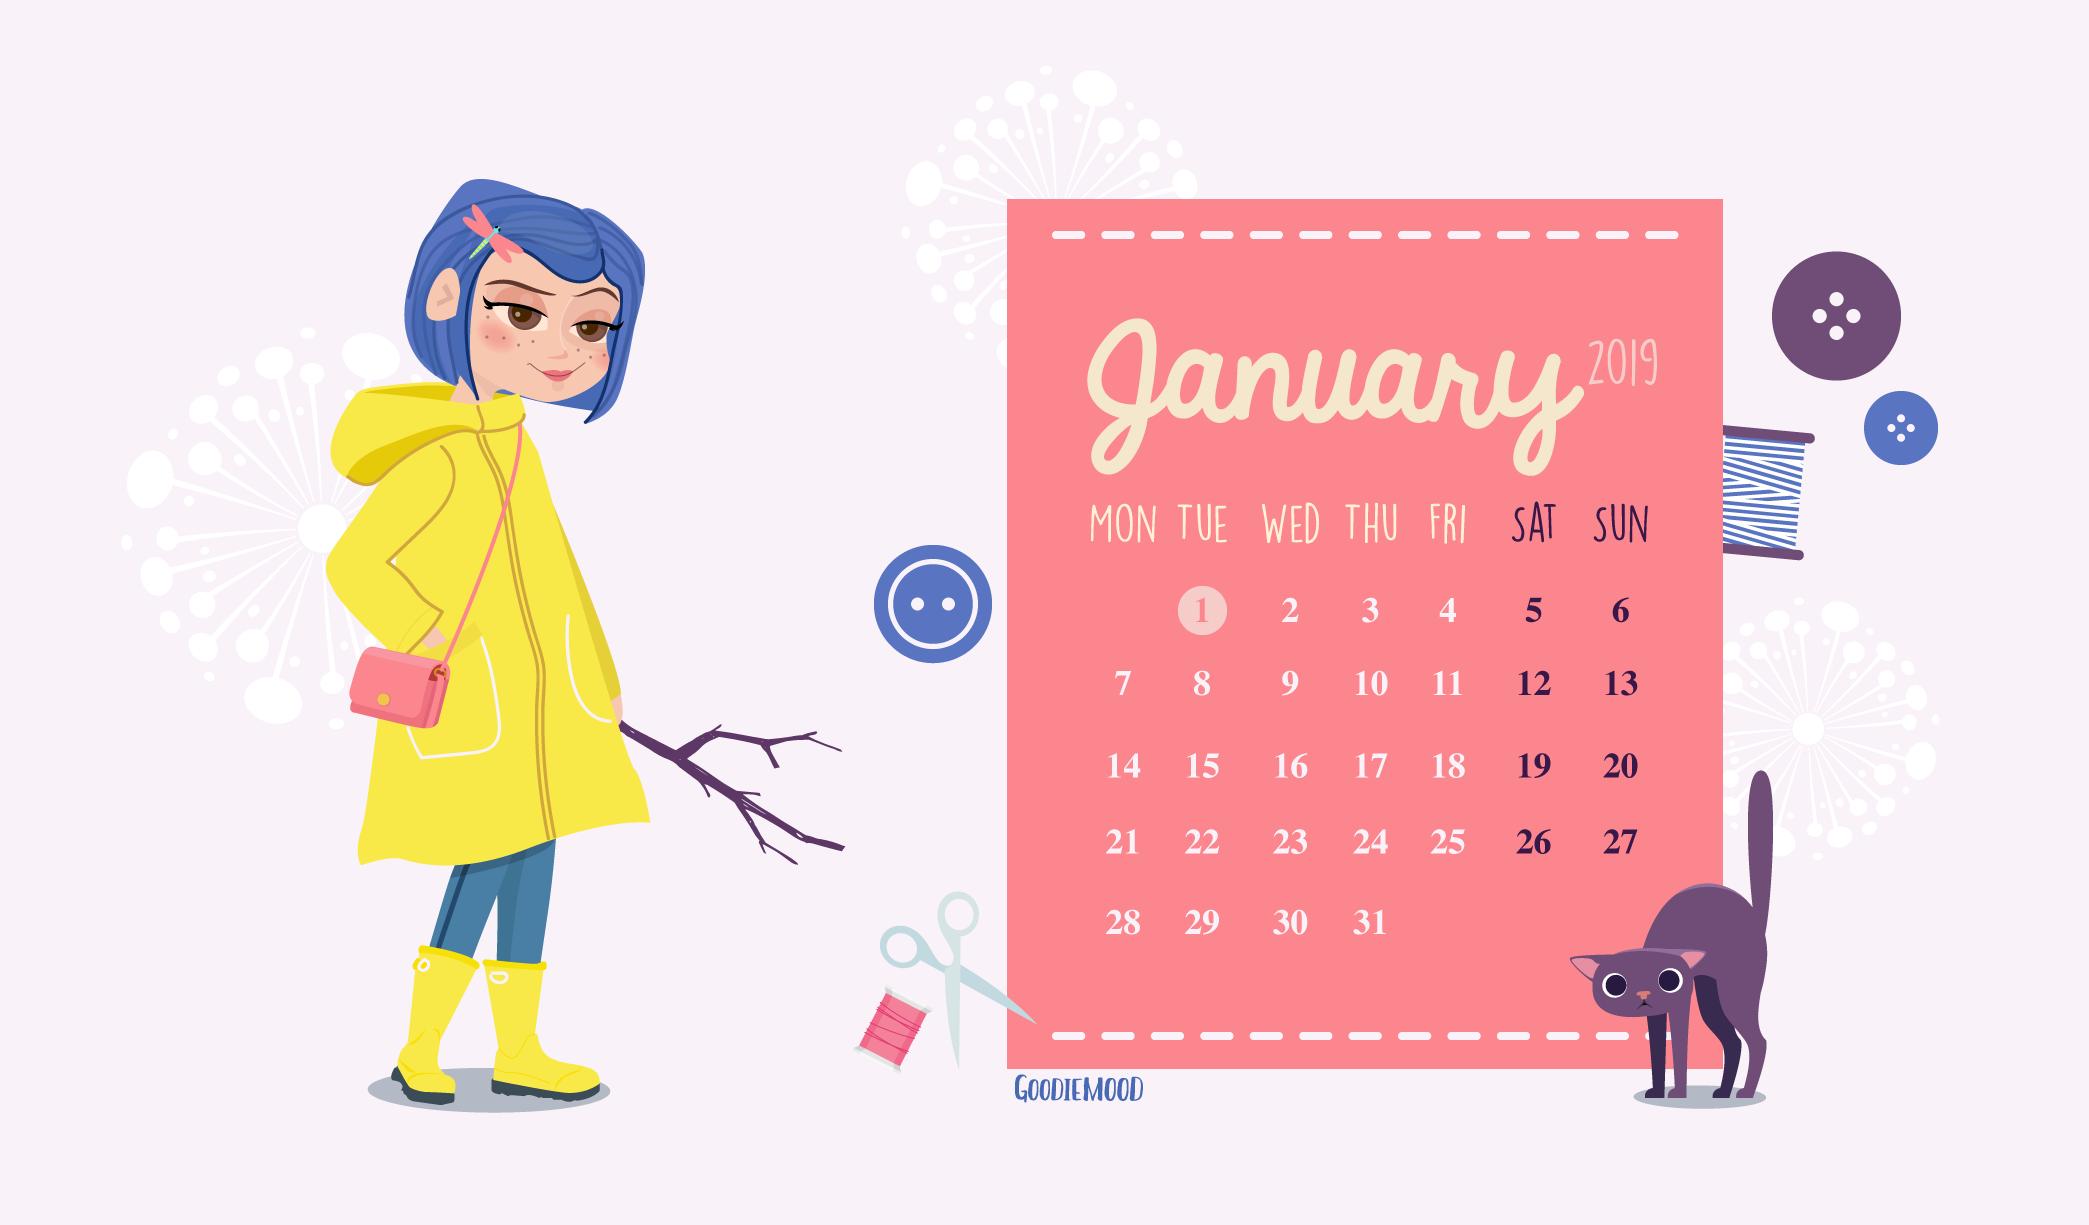 Fond D écran Gratuit Pour Janvier 2019 Coraline Goodie Mood